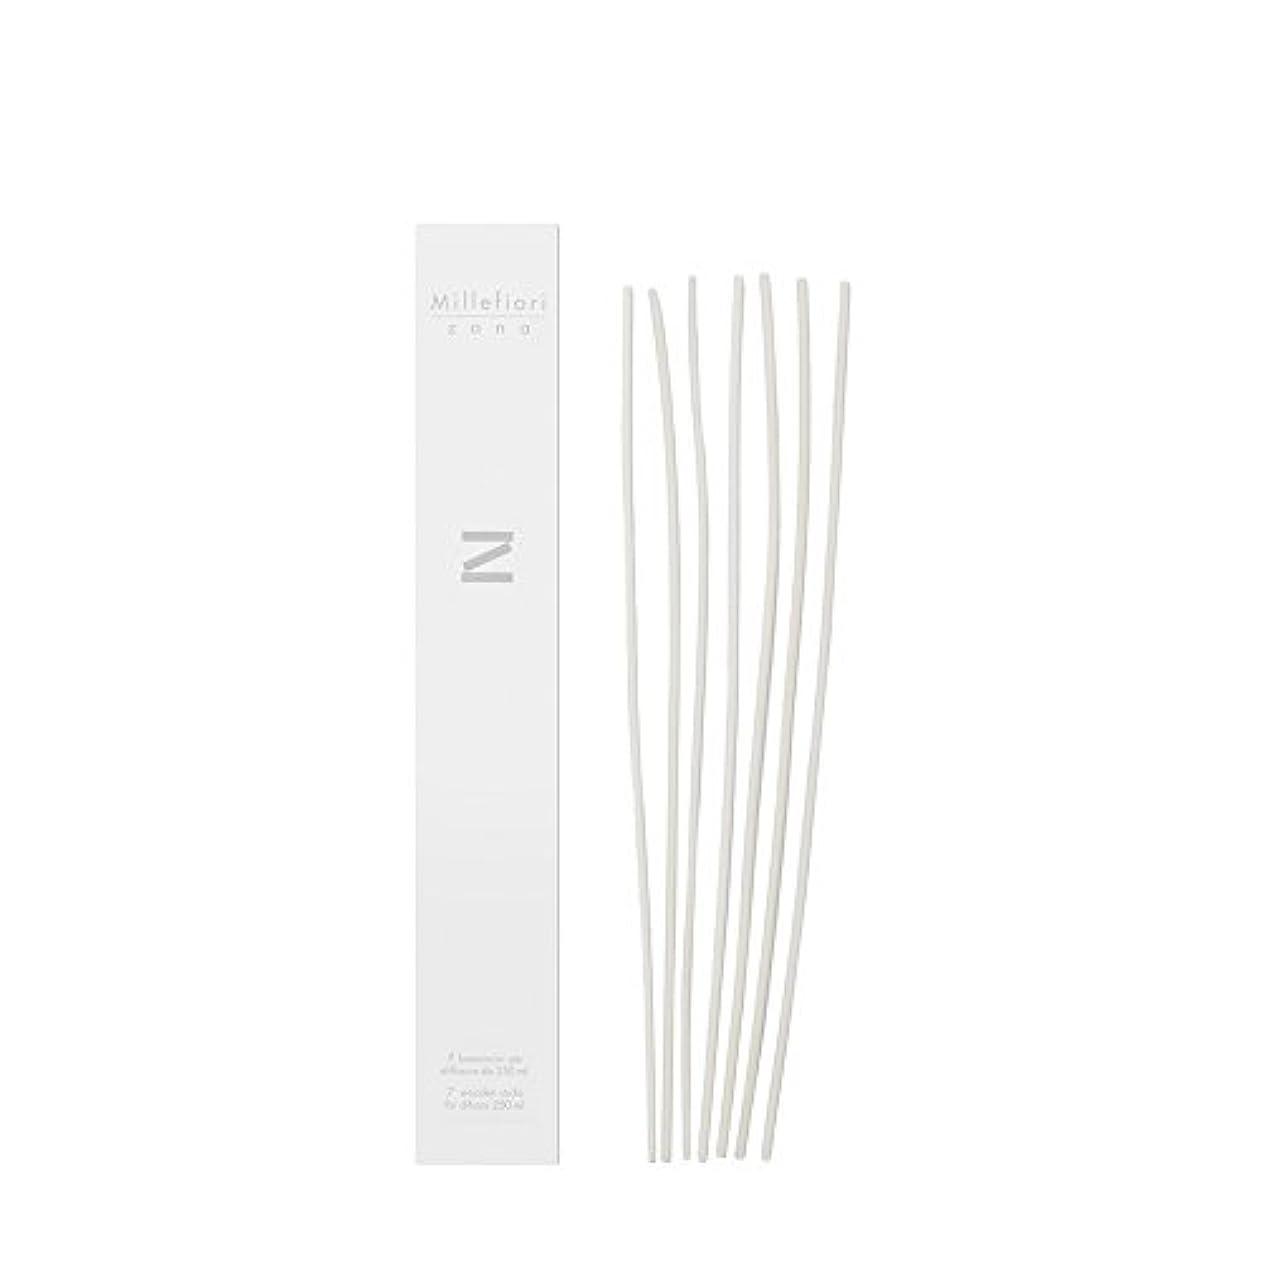 ぶどうより良い温帯Millefiori zonaシリーズ リードディフューザー Mサイズ用 交換用スティック 41STDD